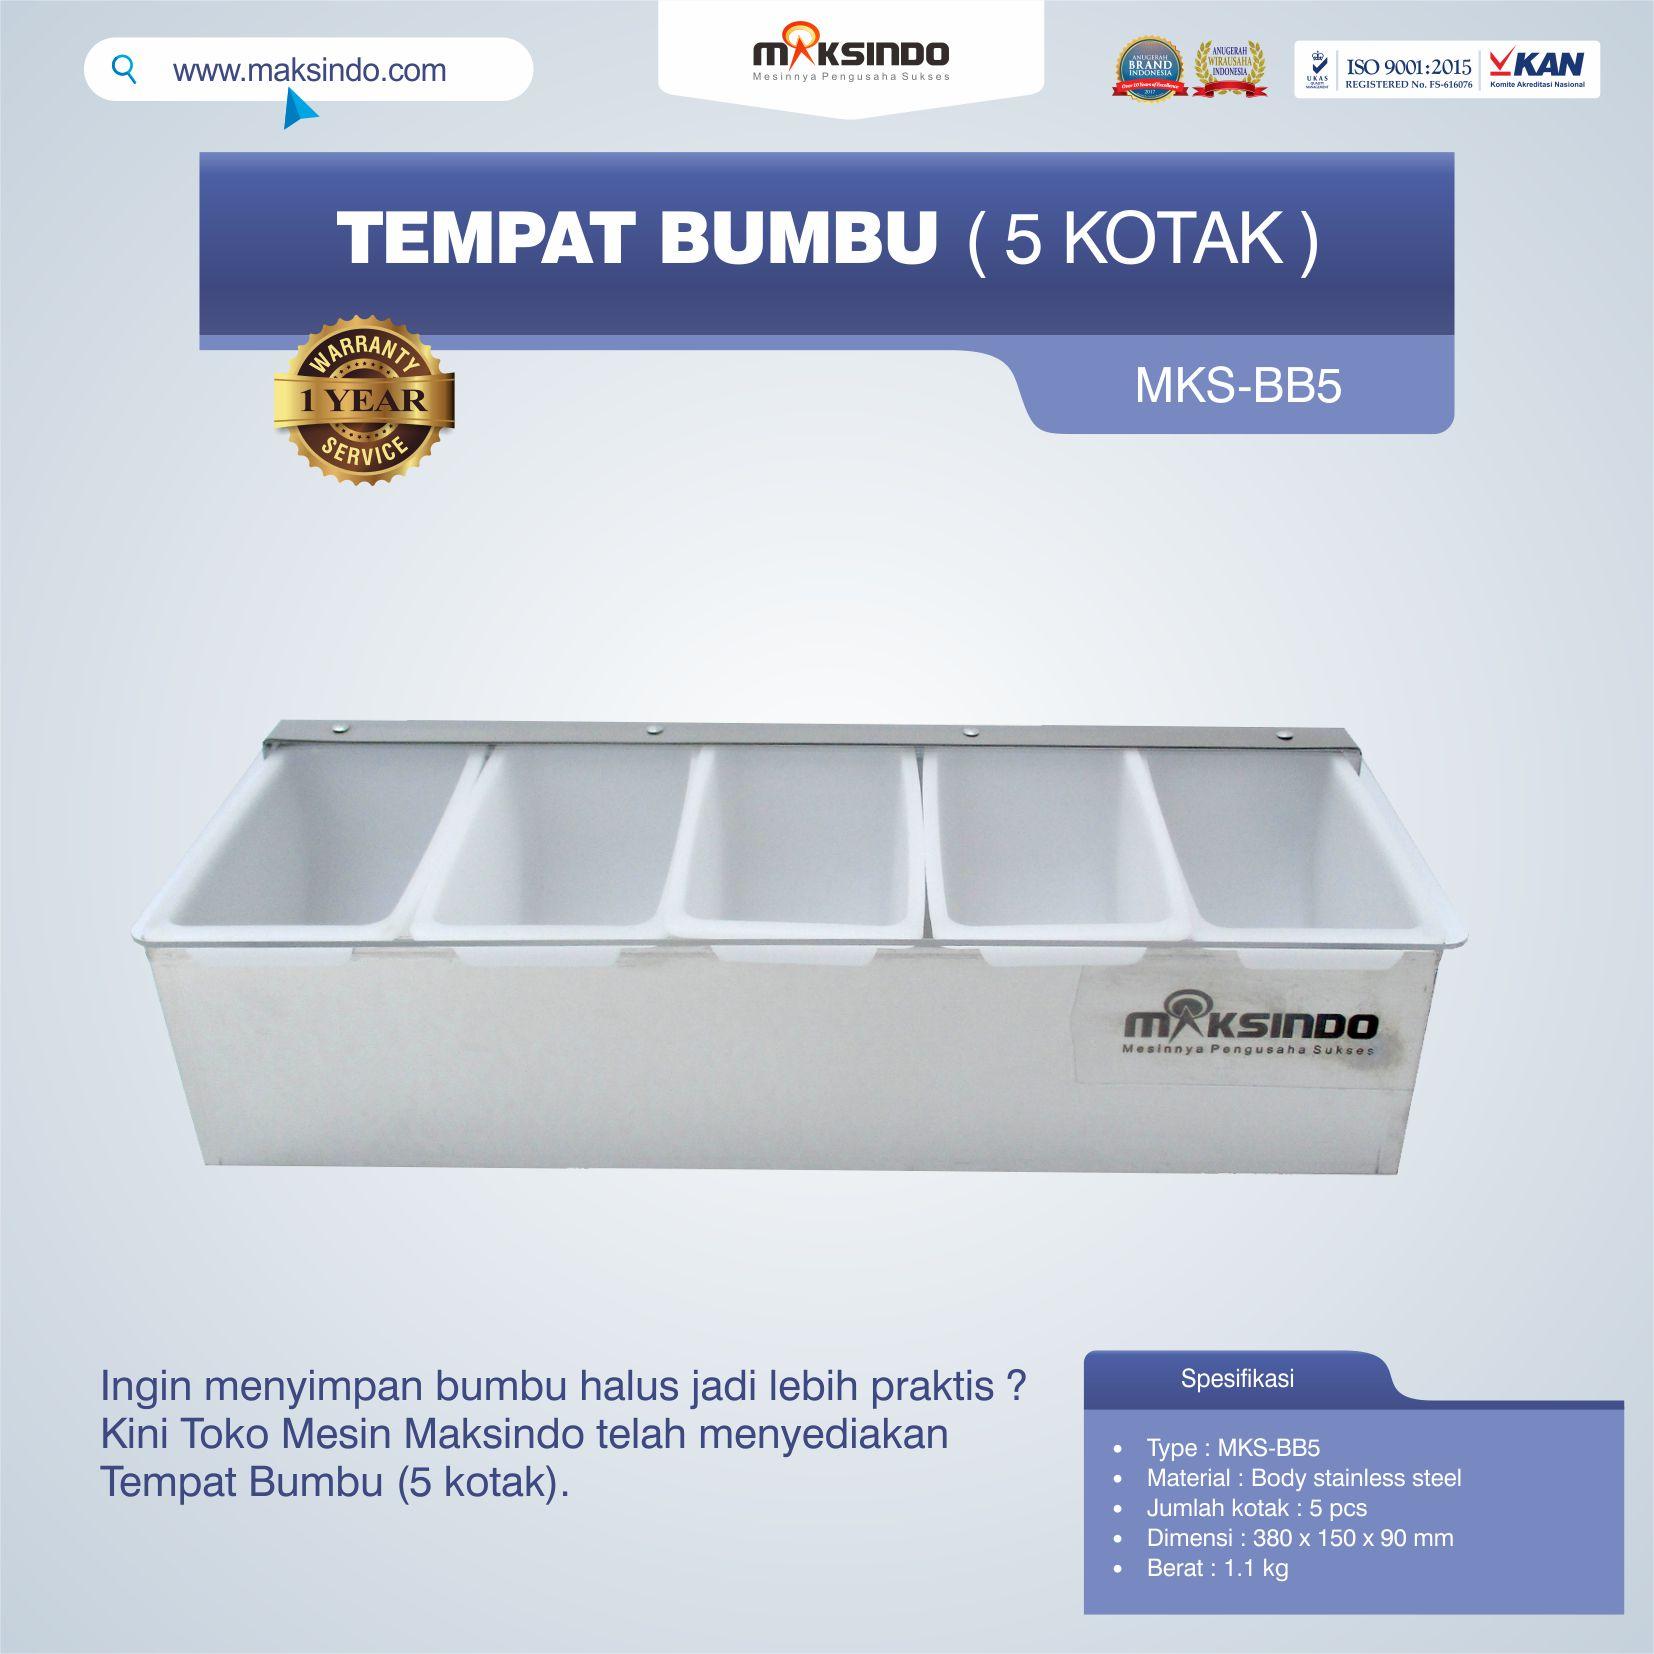 Jual Tempat Bumbu (5 Kotak) di Tangerang